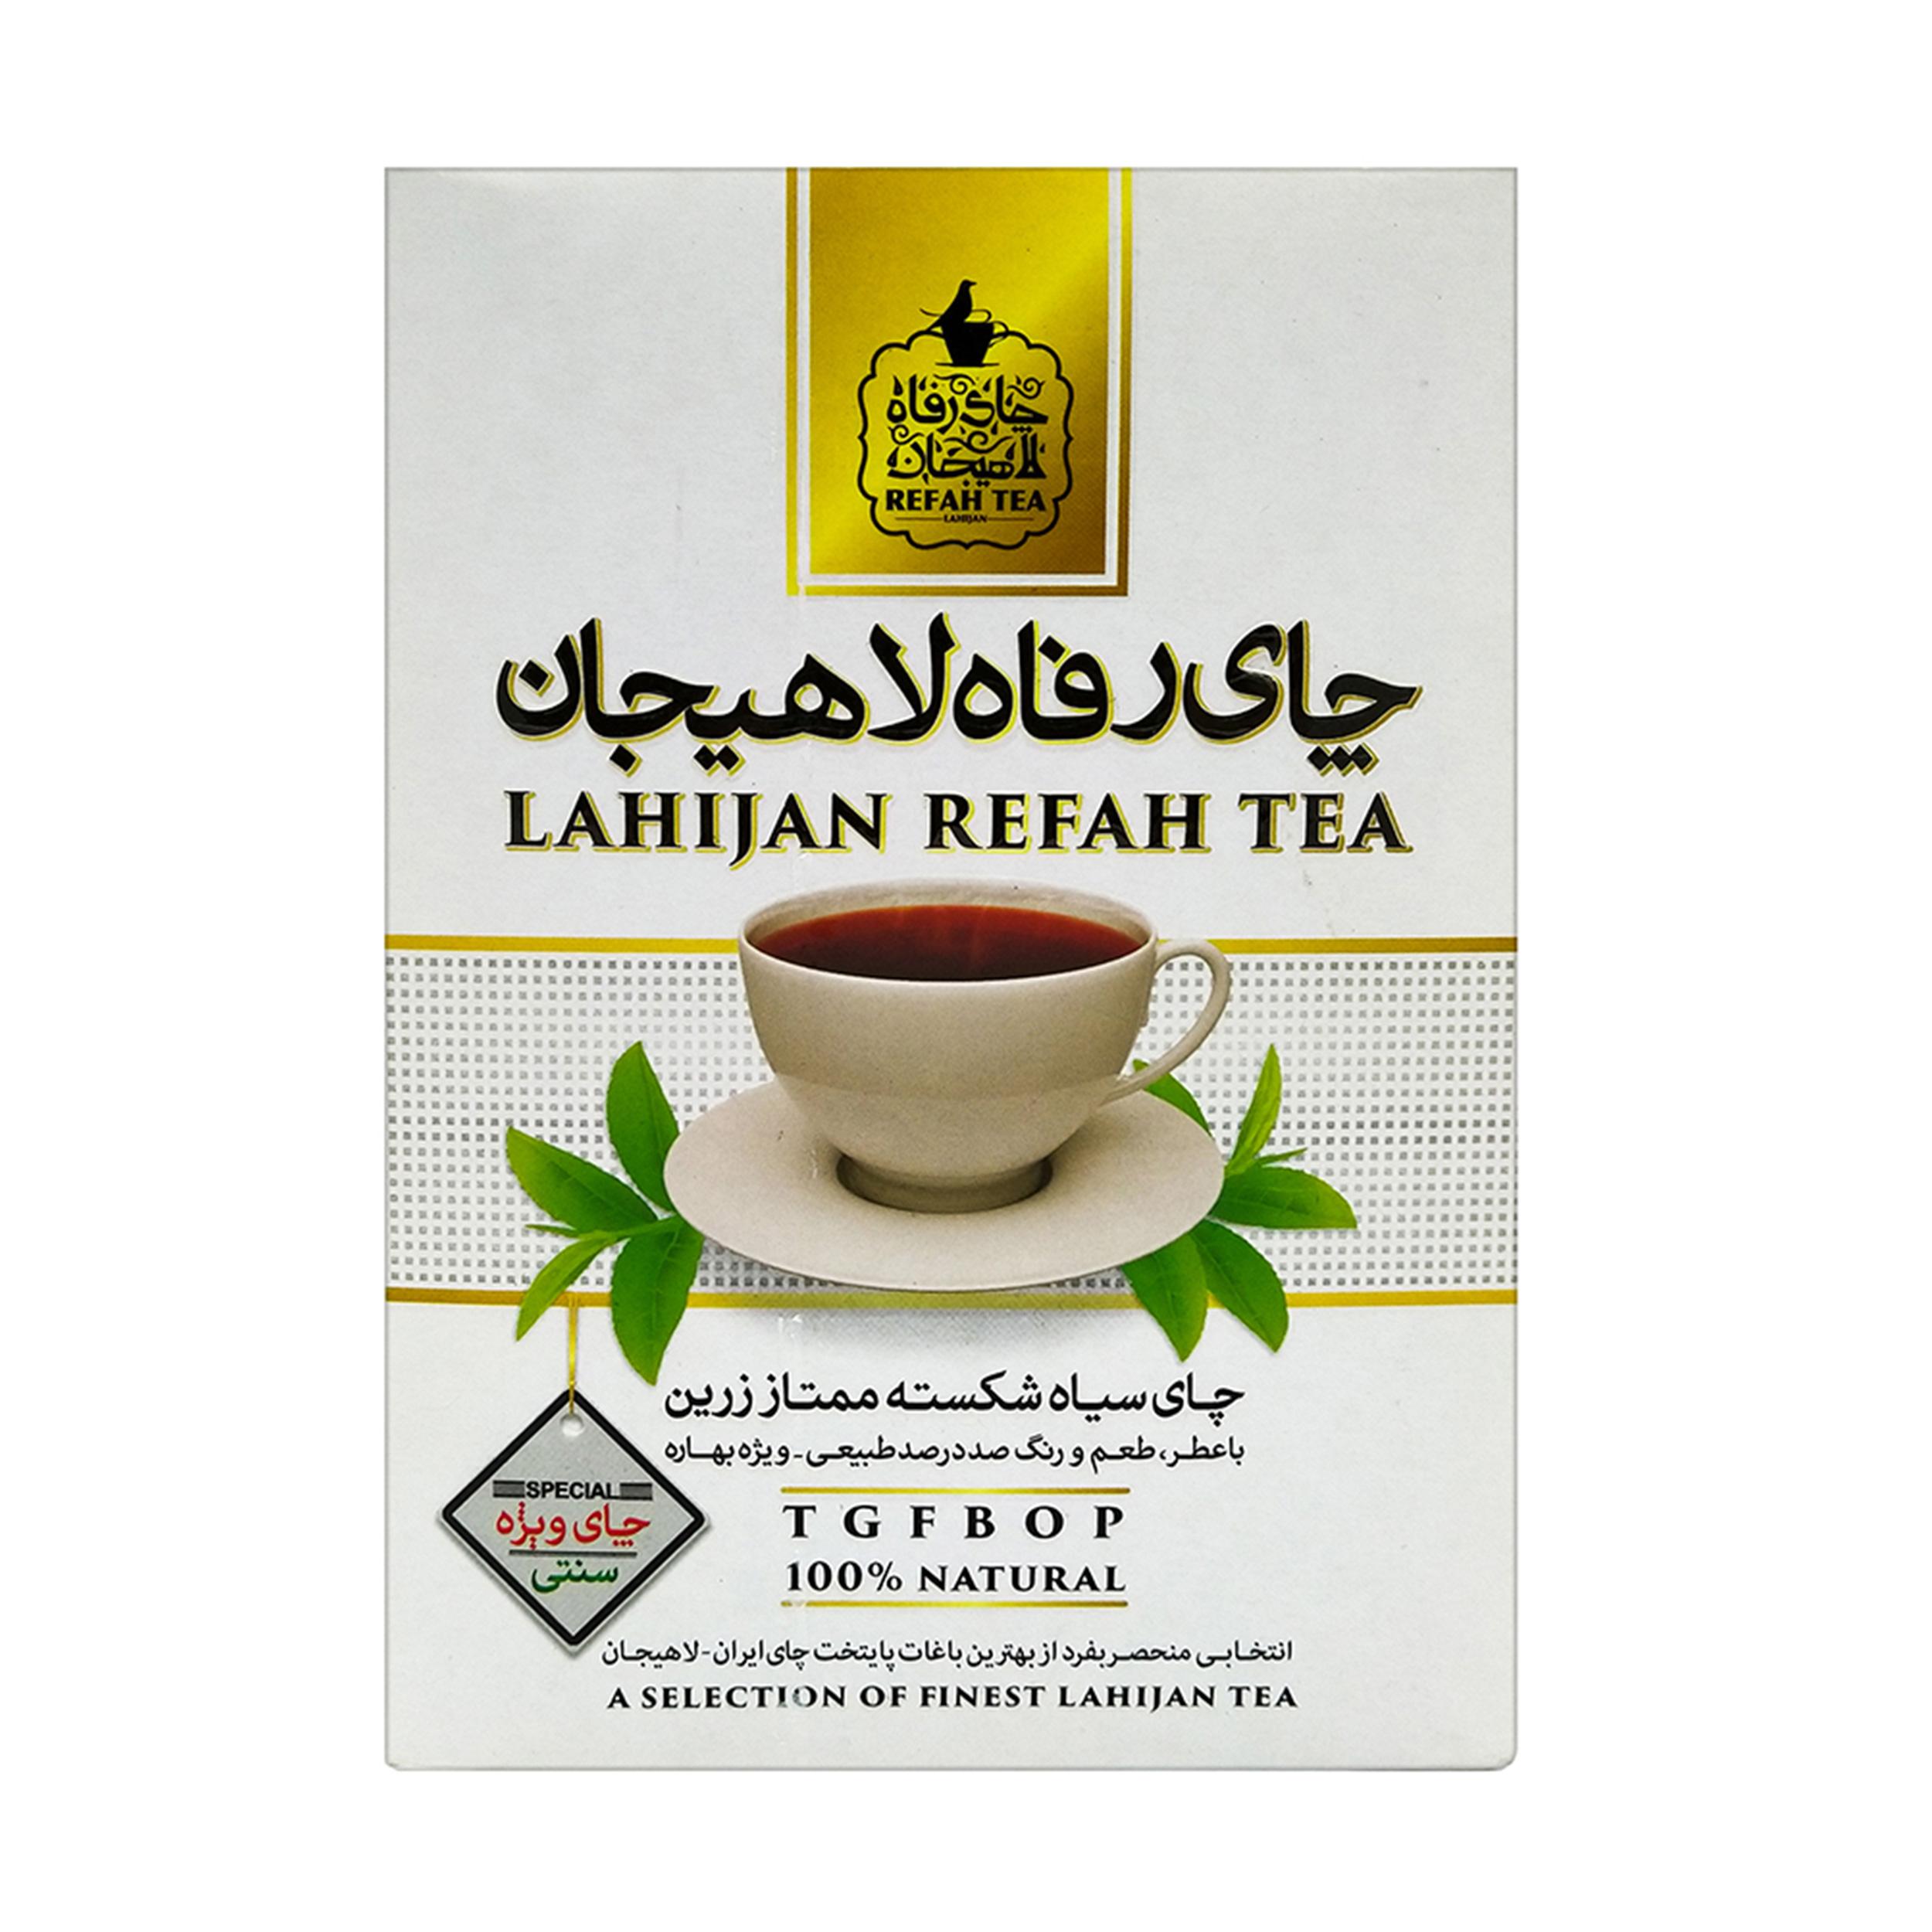 بسته چای سیاه رفاه لاهیجان مدل شکسته ممتاز زرین main 1 1